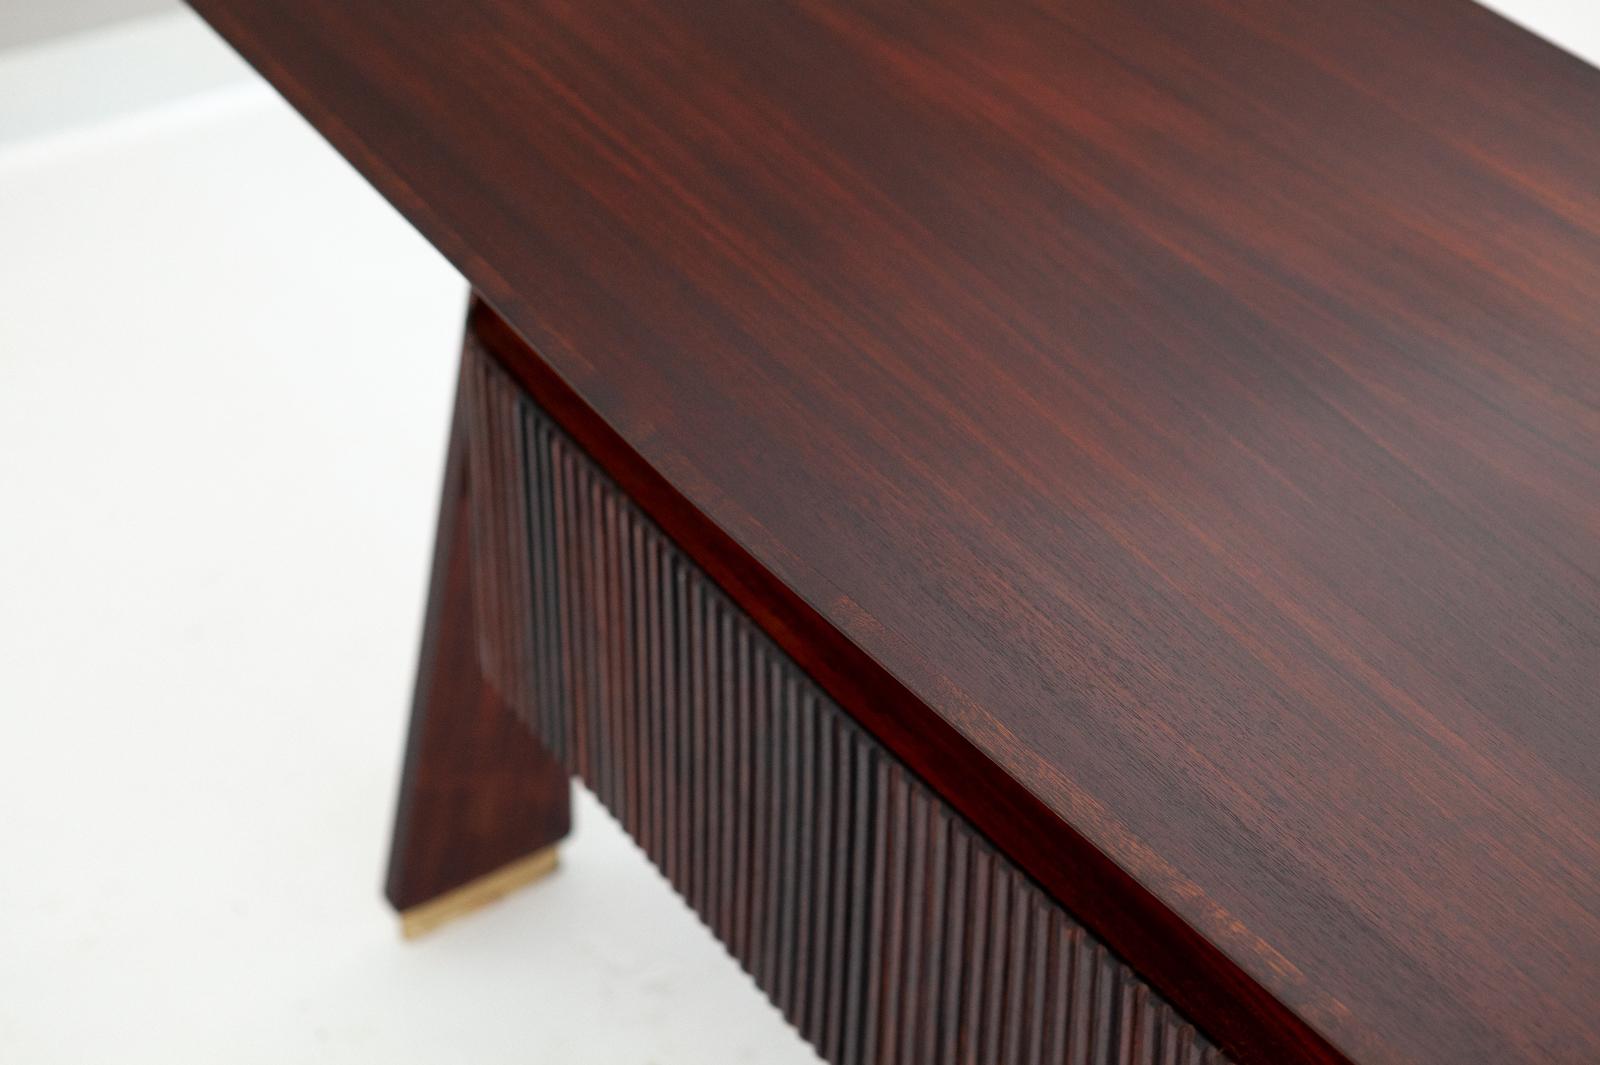 1950s-Italian-rosewood-desk-table-dassi-11-d28